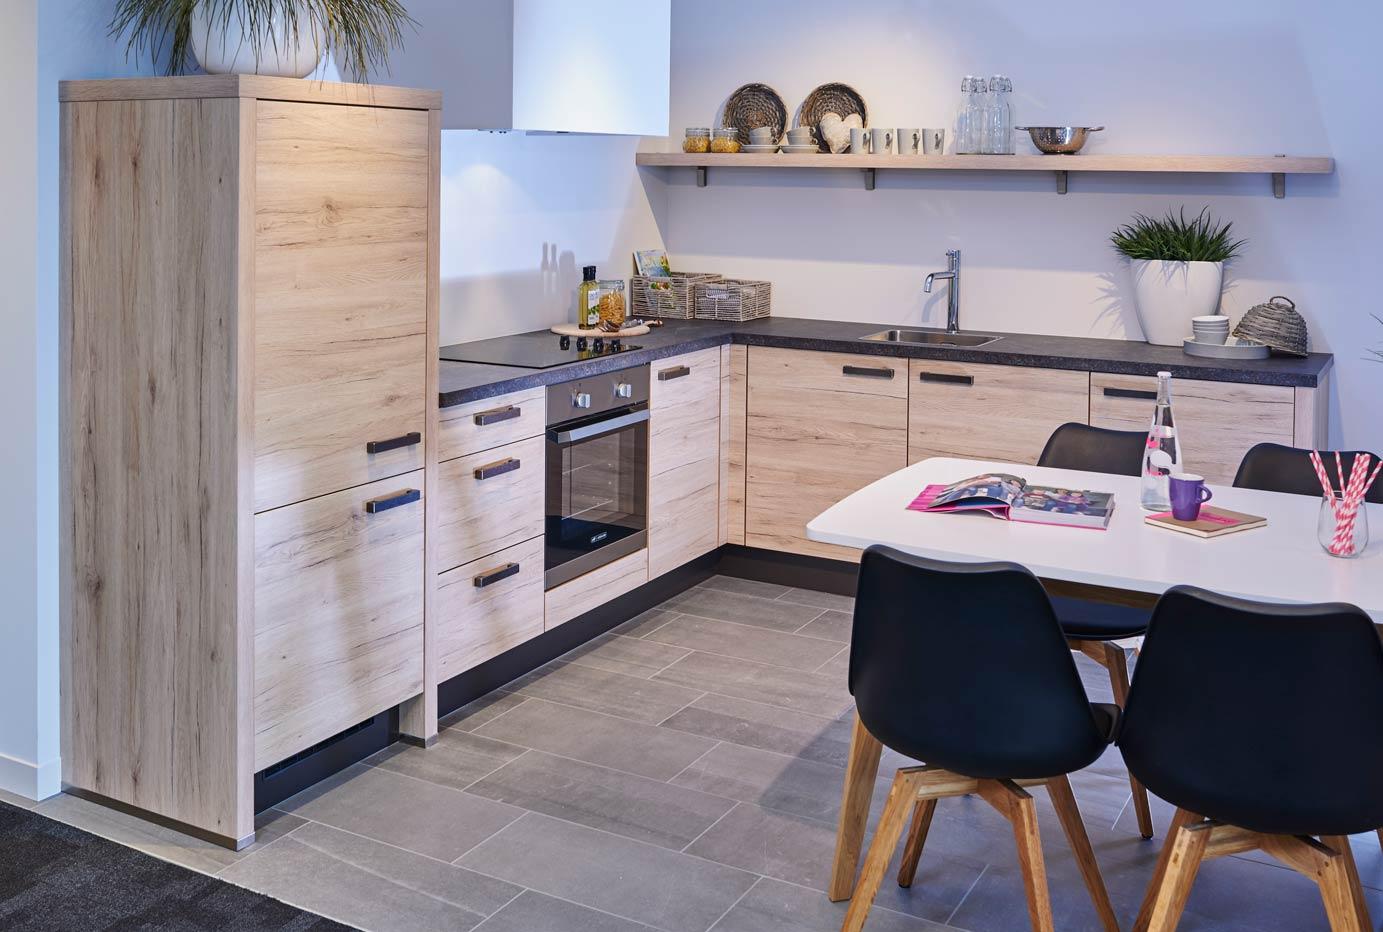 Goedkope Keuken Kopen : Goedkope keuken kopen laagste prijs door inkoopvoordeel pelma